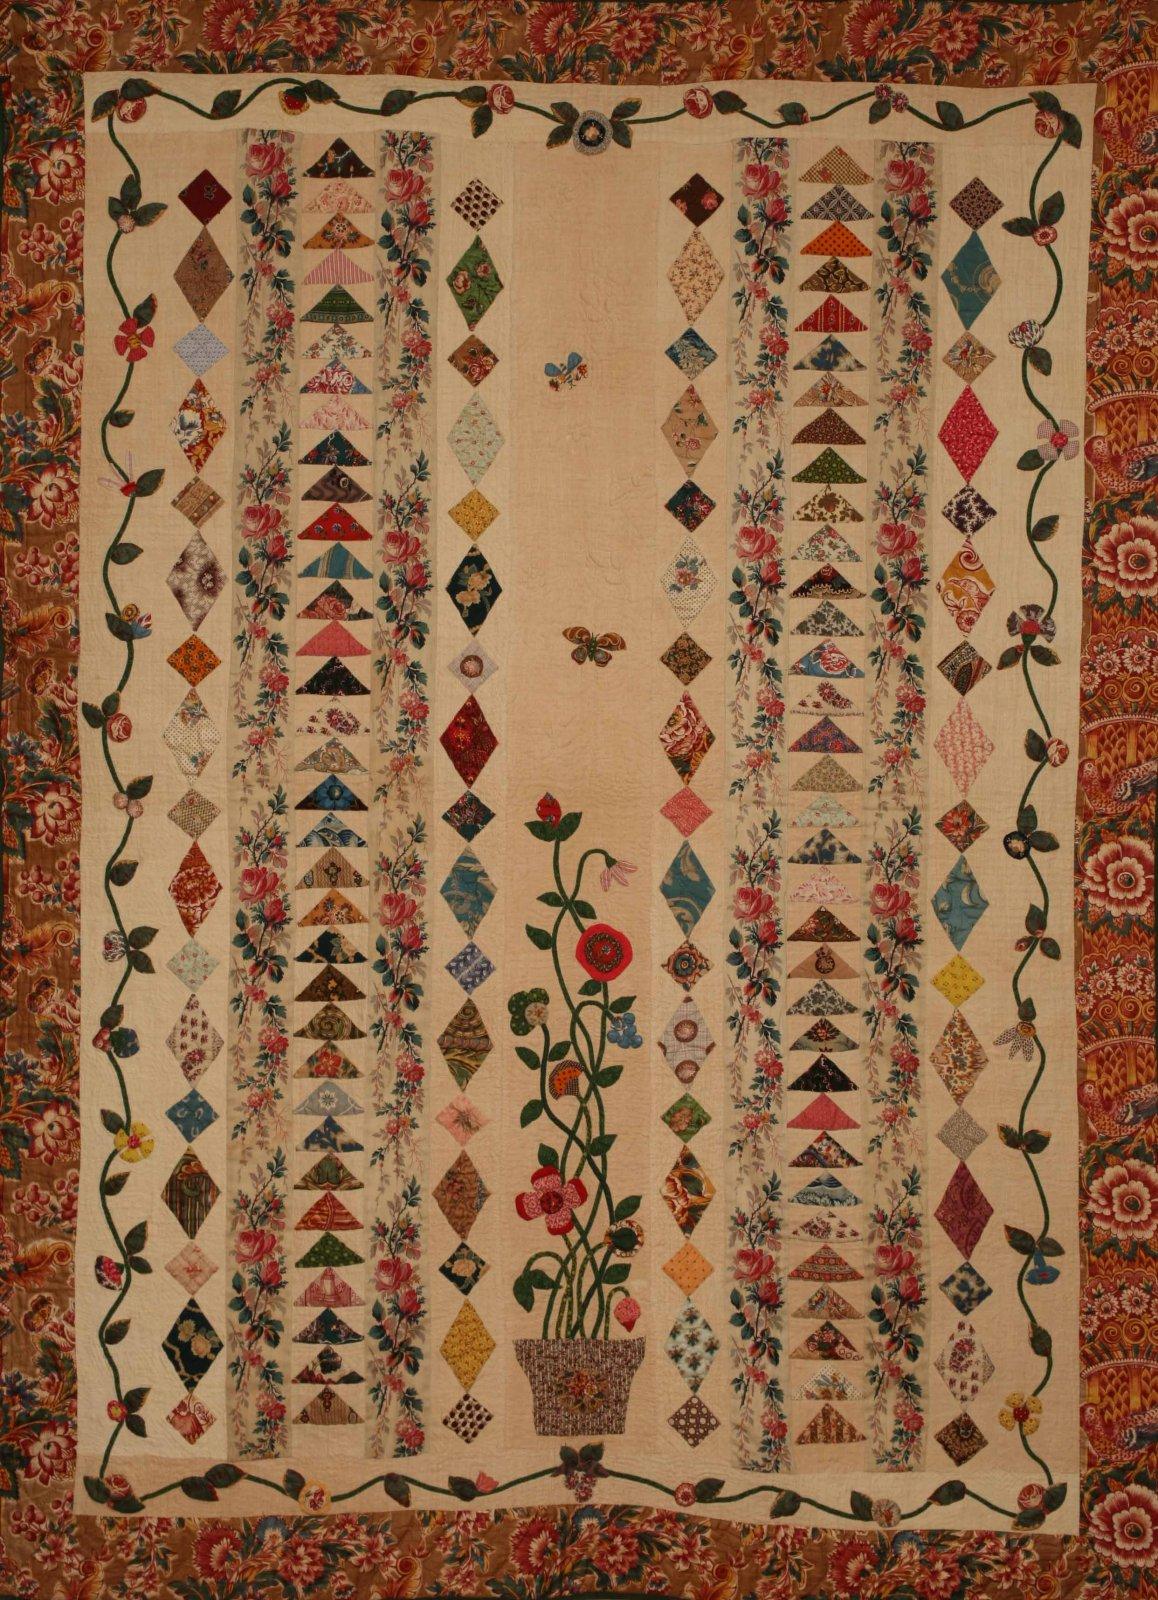 The Flowerpot Quilt pattern